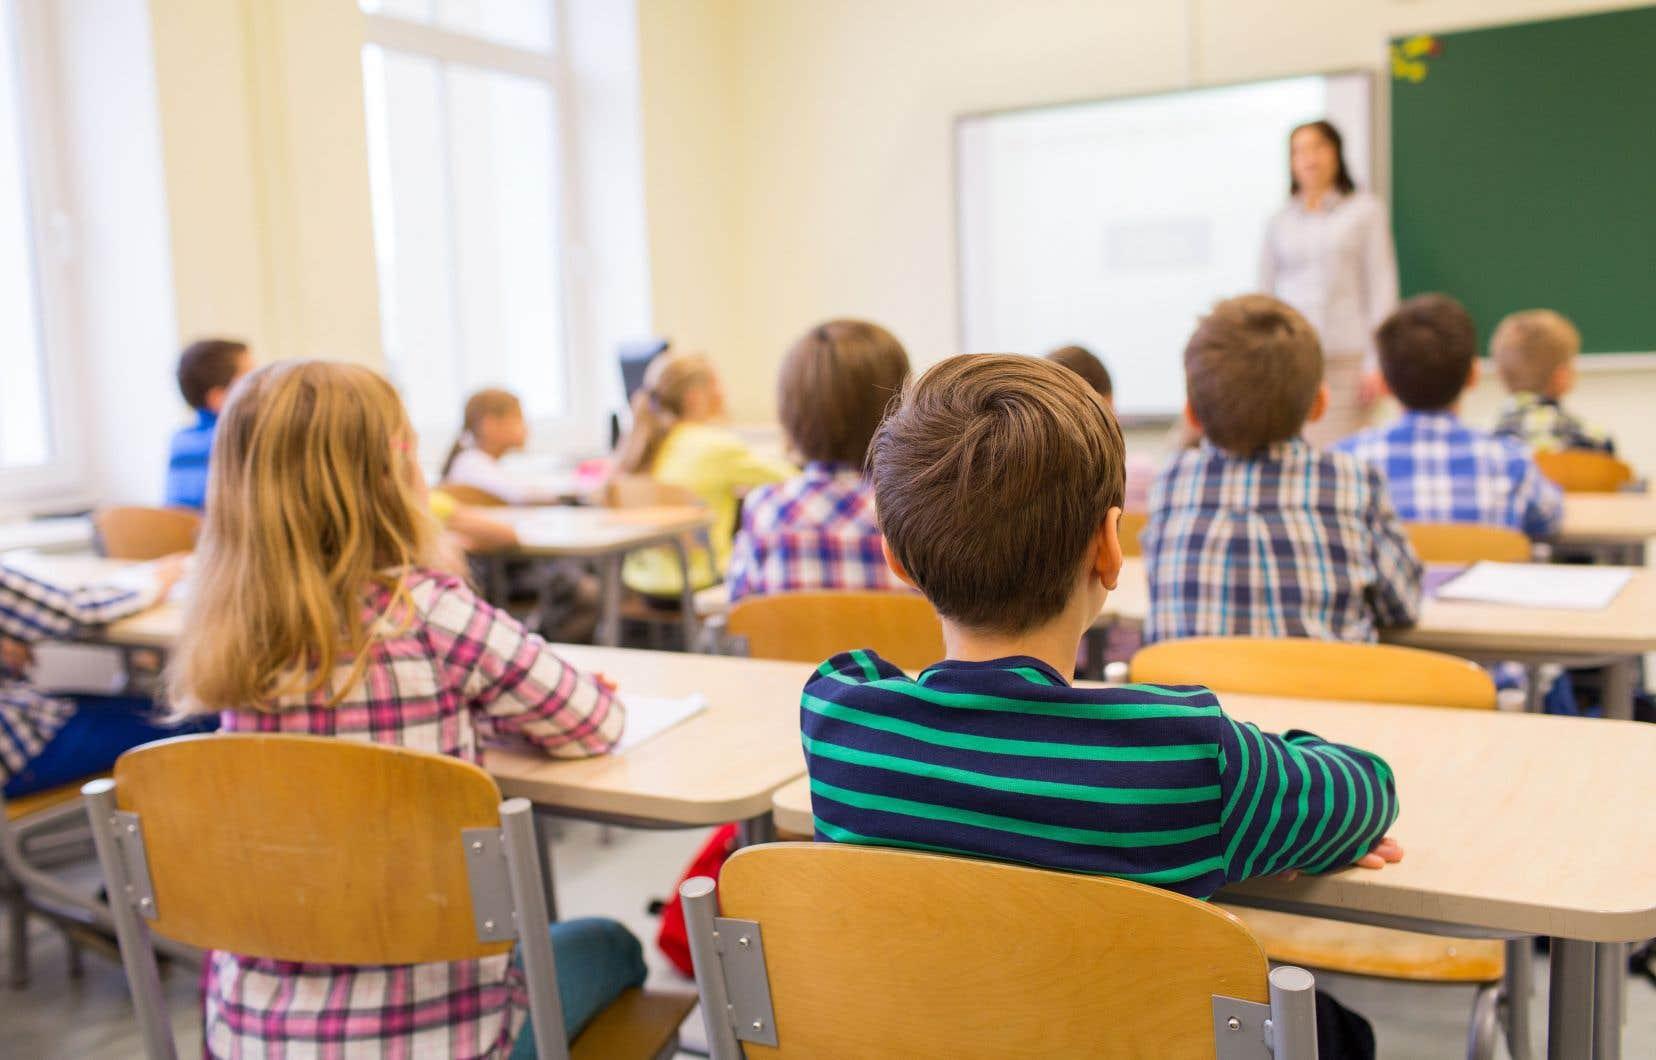 L'éducation au consentement devrait débuter dès les premières années scolaires, selon le Conseil du statut de la femme.